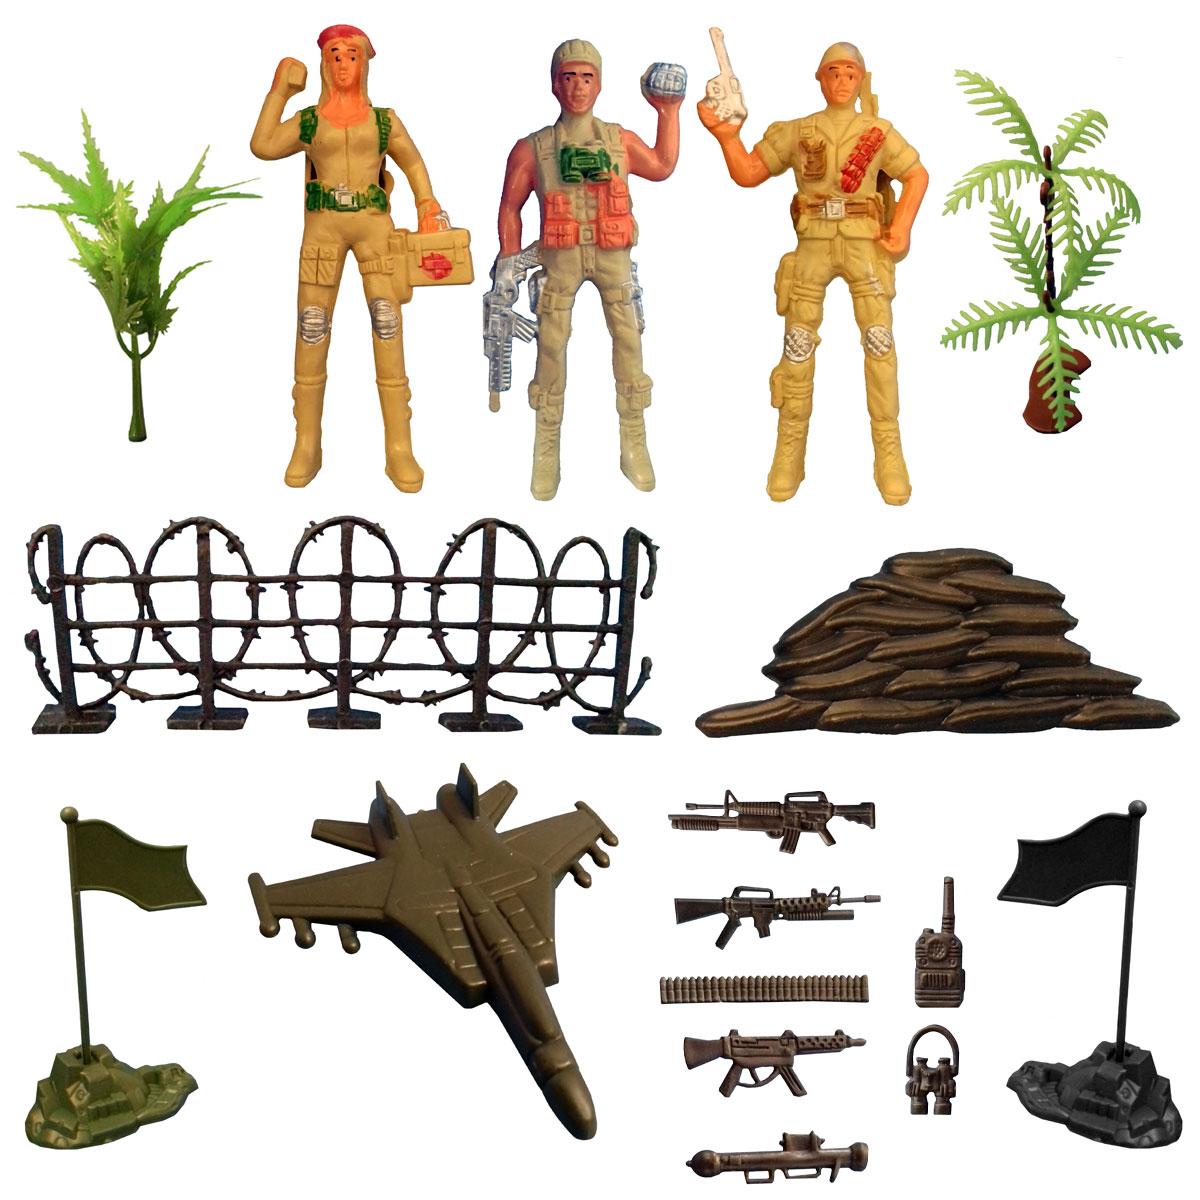 اسباب بازی جنگی مدل سرباز کد SOL3 مجموعه 17 عددی